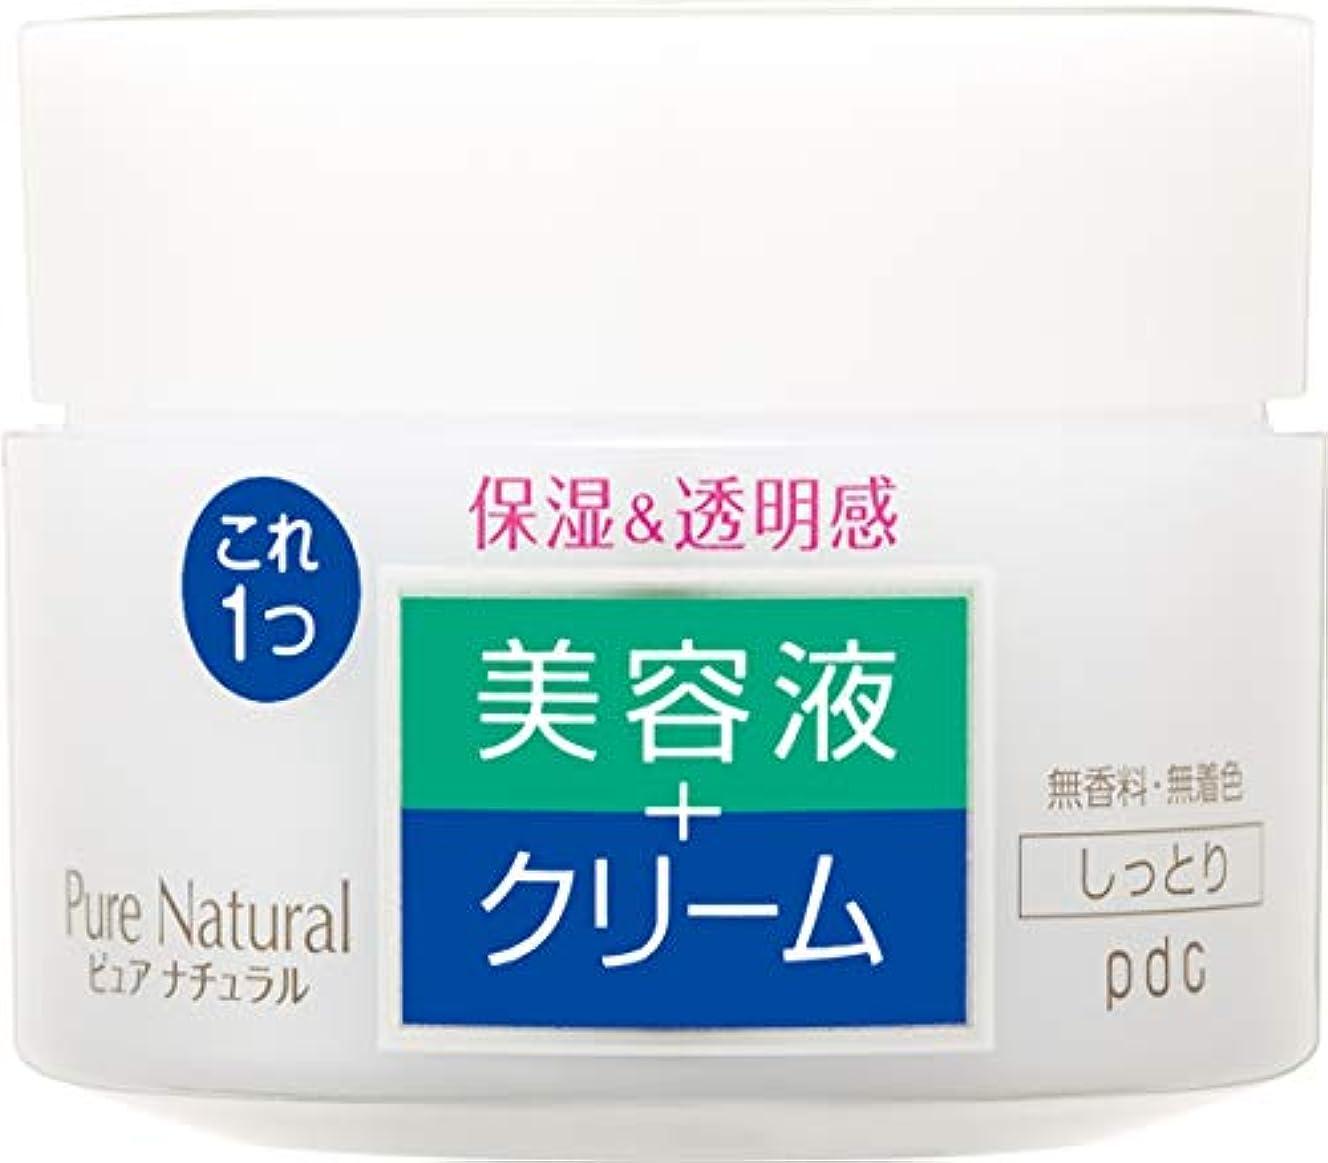 から省略する砂のPure NATURAL(ピュアナチュラル) クリームエッセンス モイスト 100g